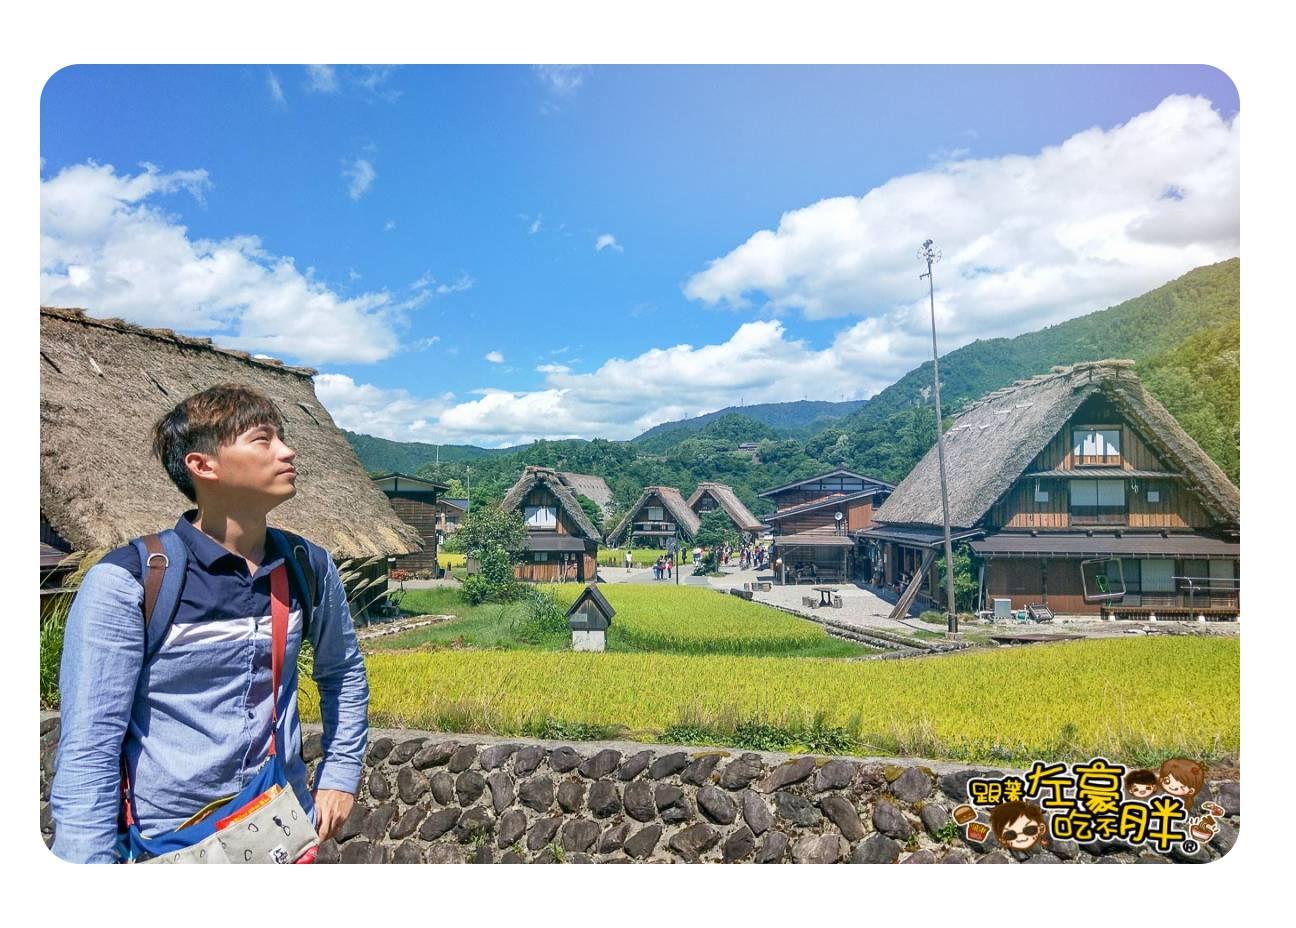 日本世界遺產白川鄉合掌村